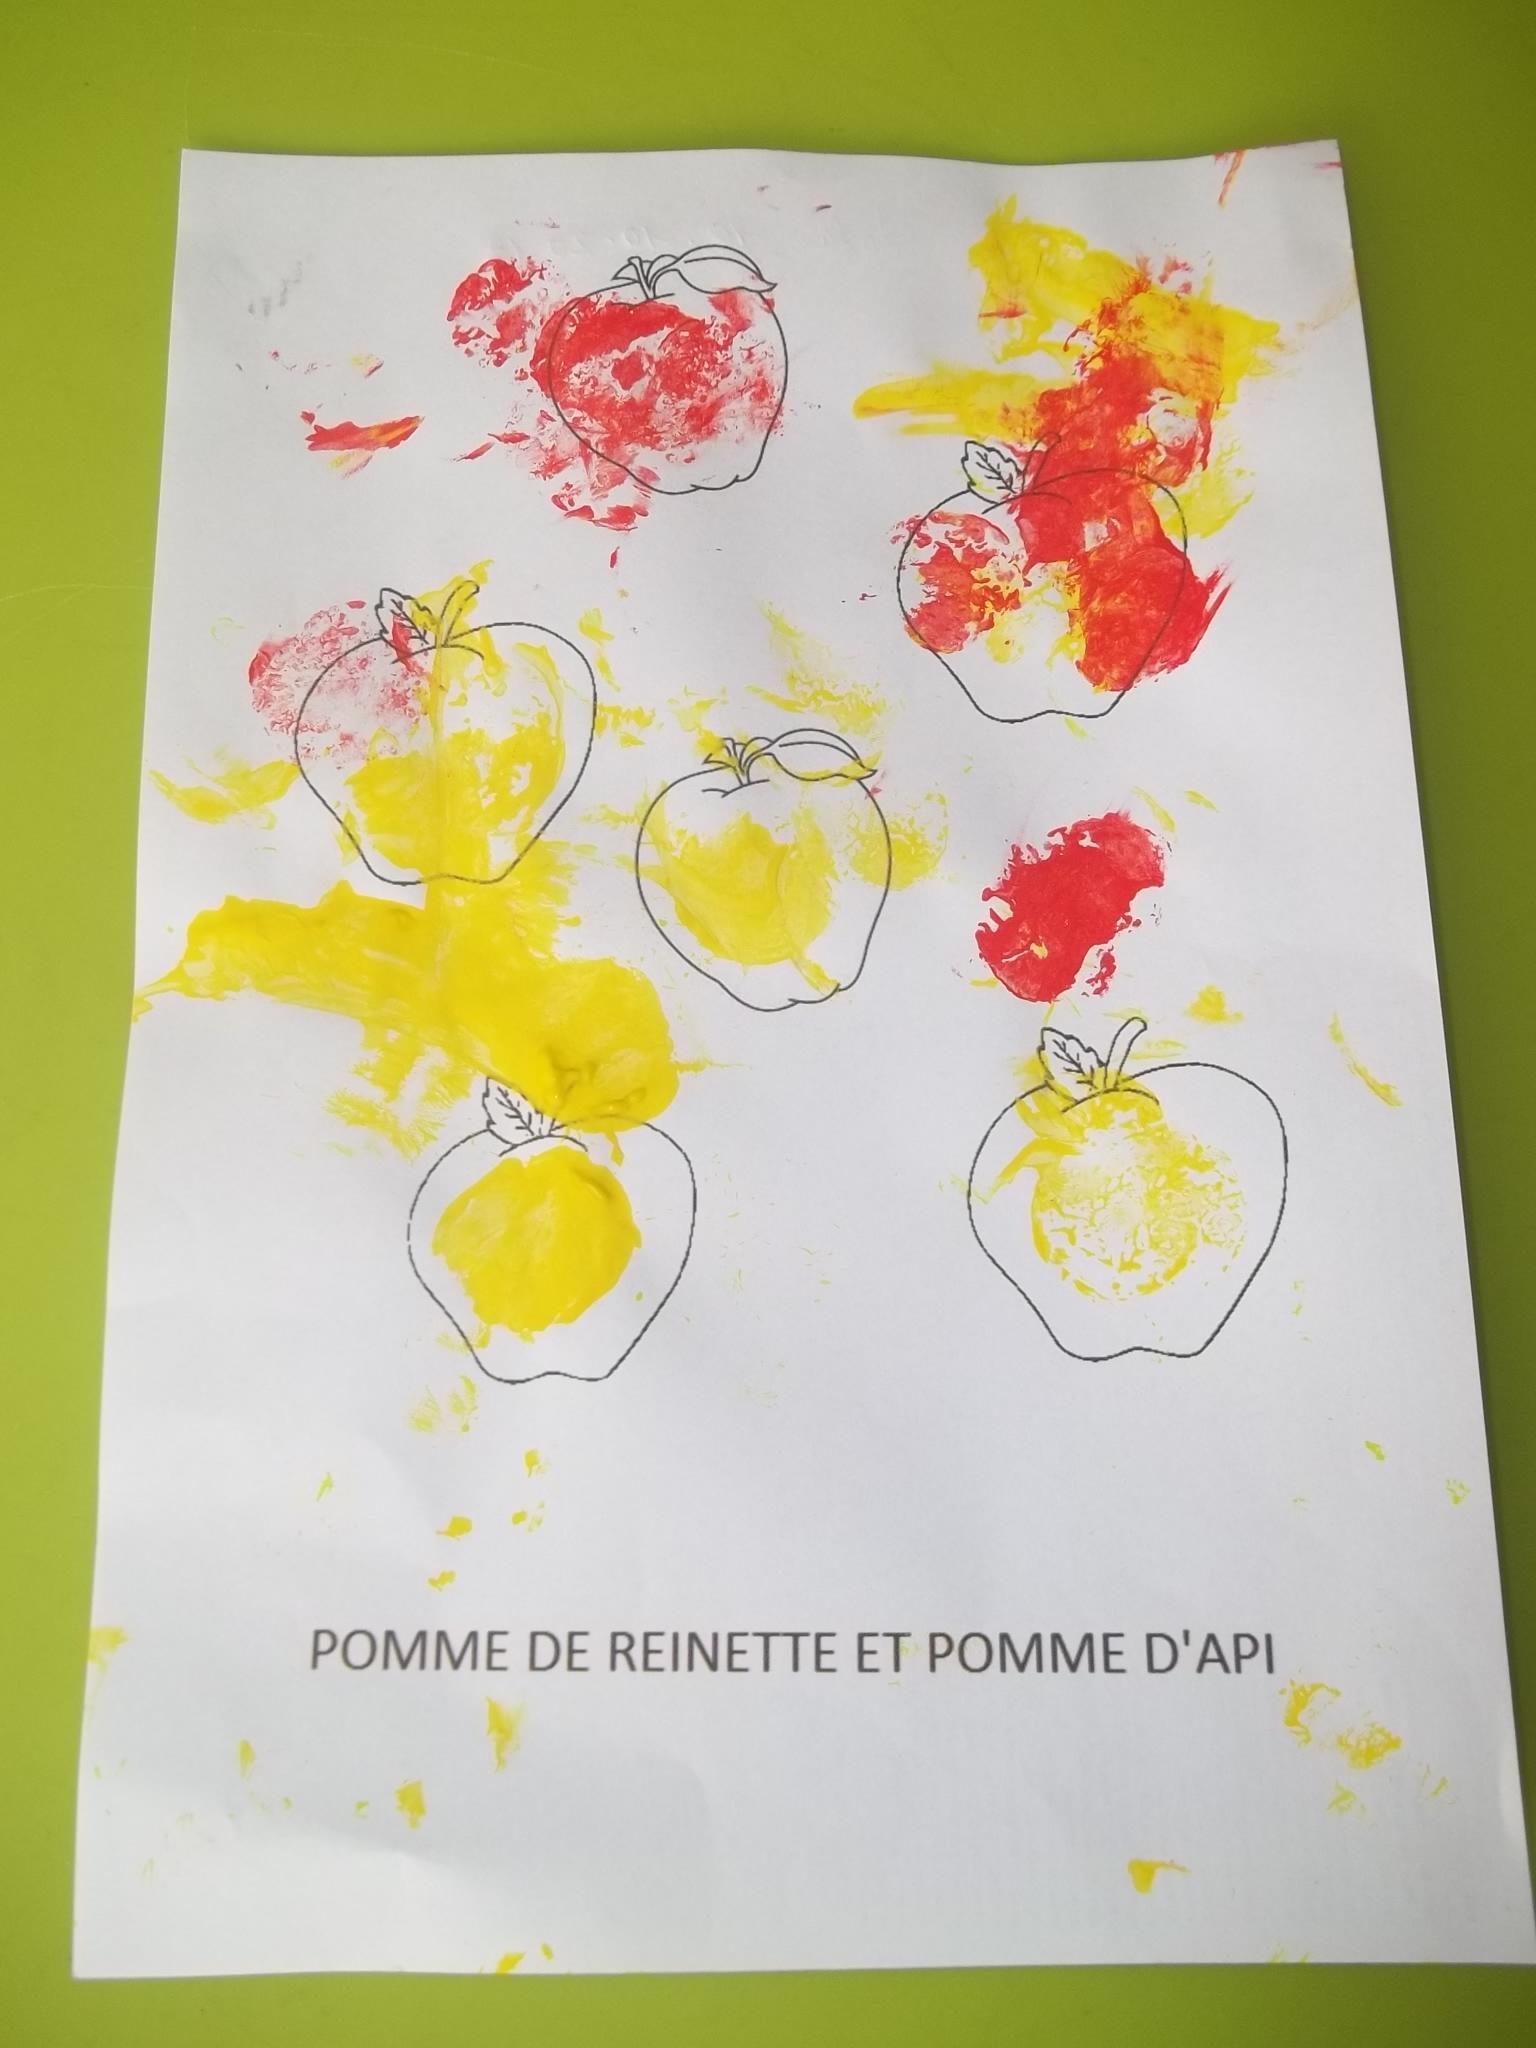 Comptine Illustree tout Pomme De Renette